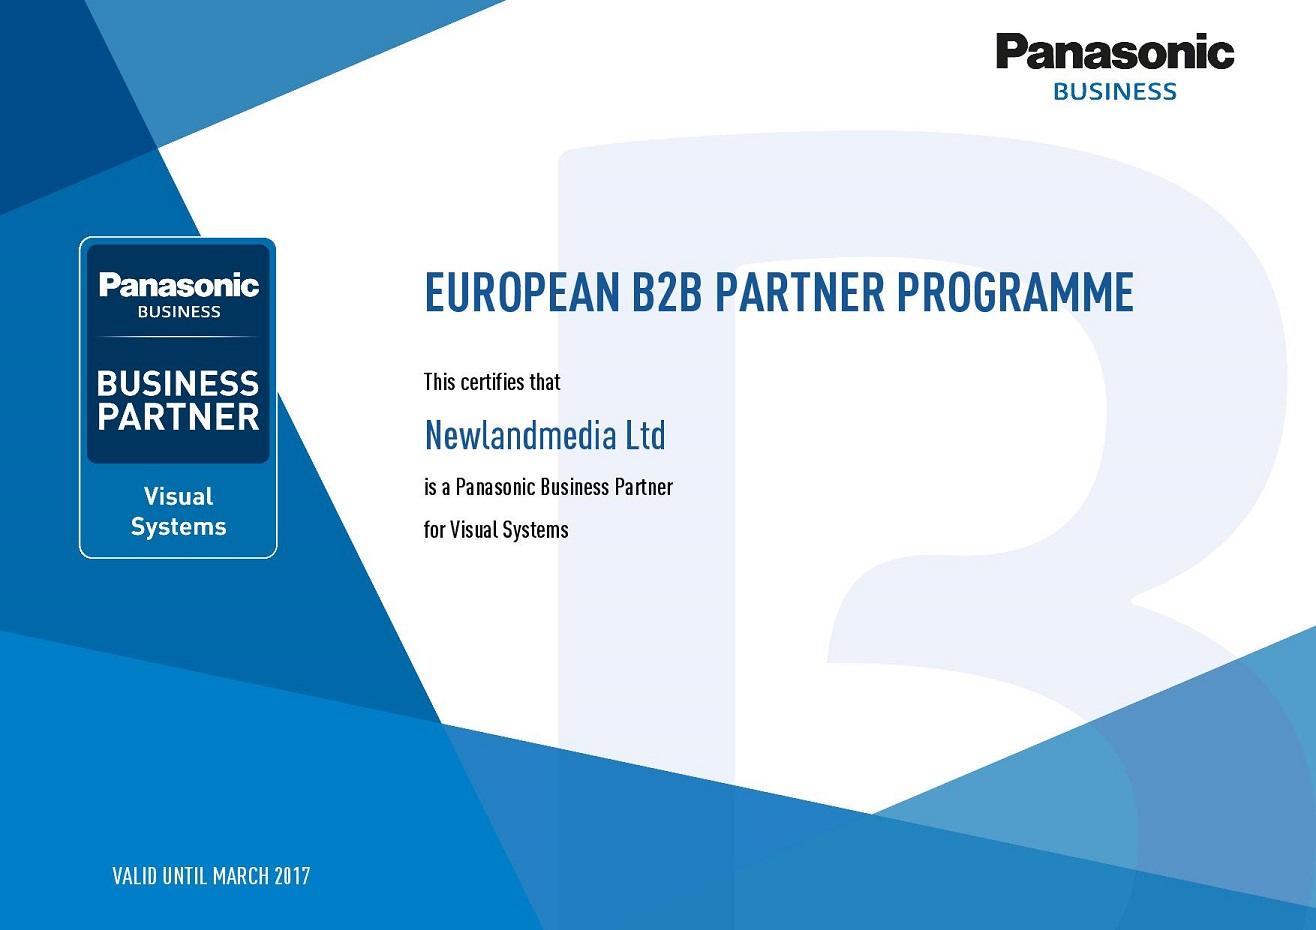 Panasonic Ert